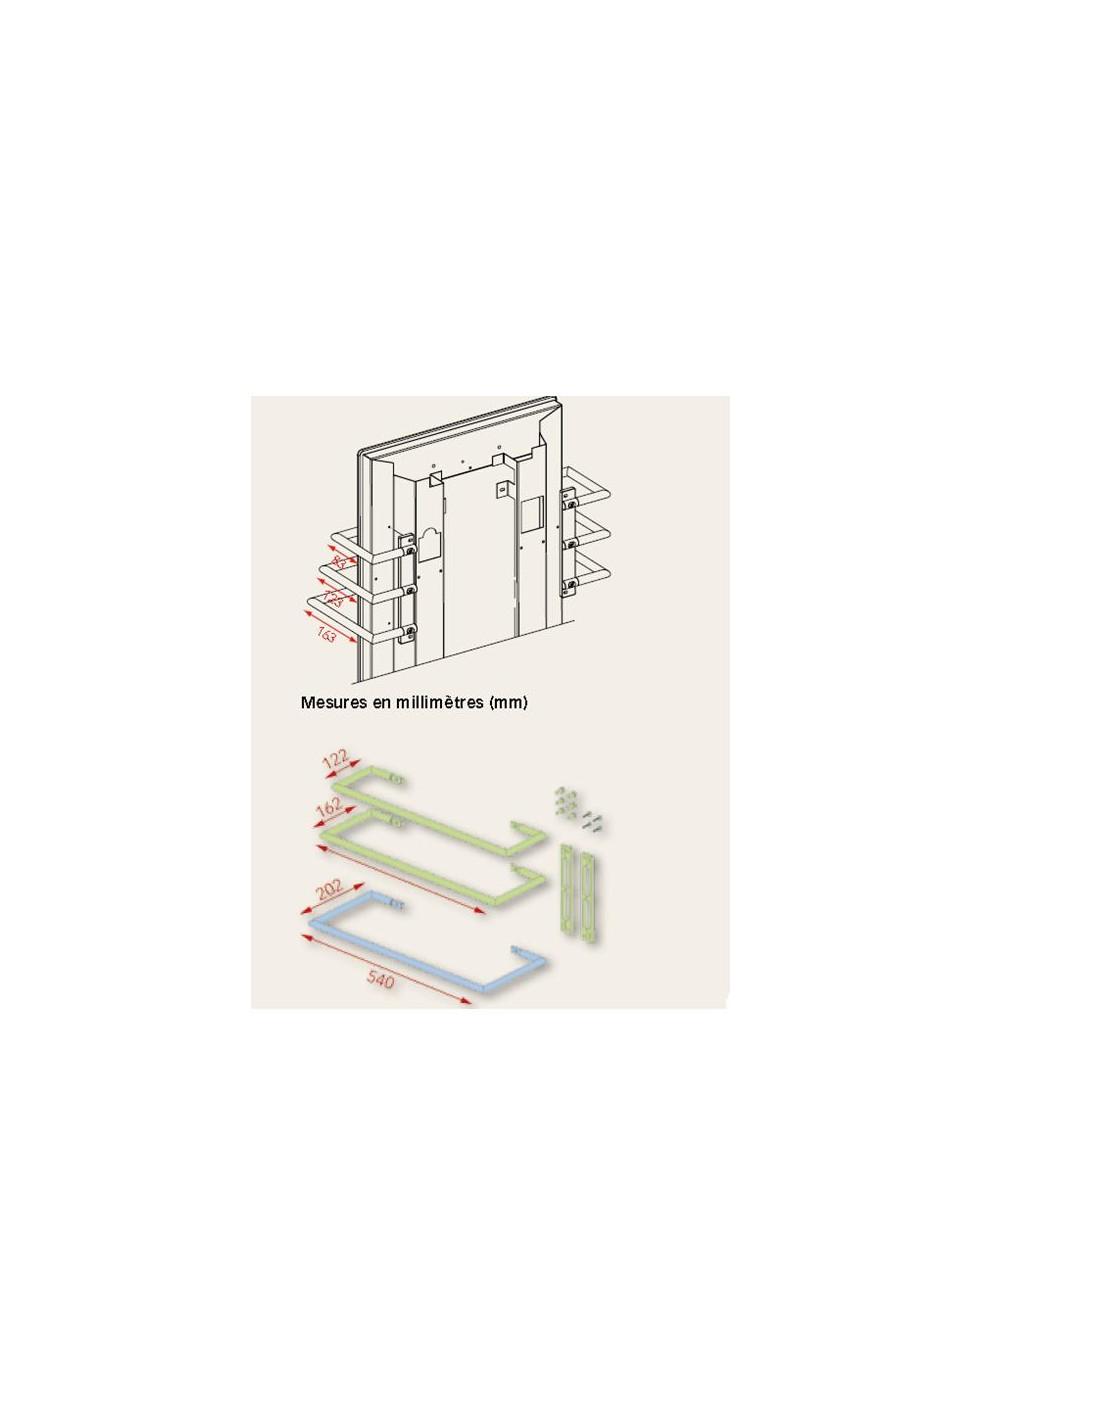 1 Barre Porte serviettes chromèe 45 cm pour radiateurs Solaris de la marque Fondis - Valente Design